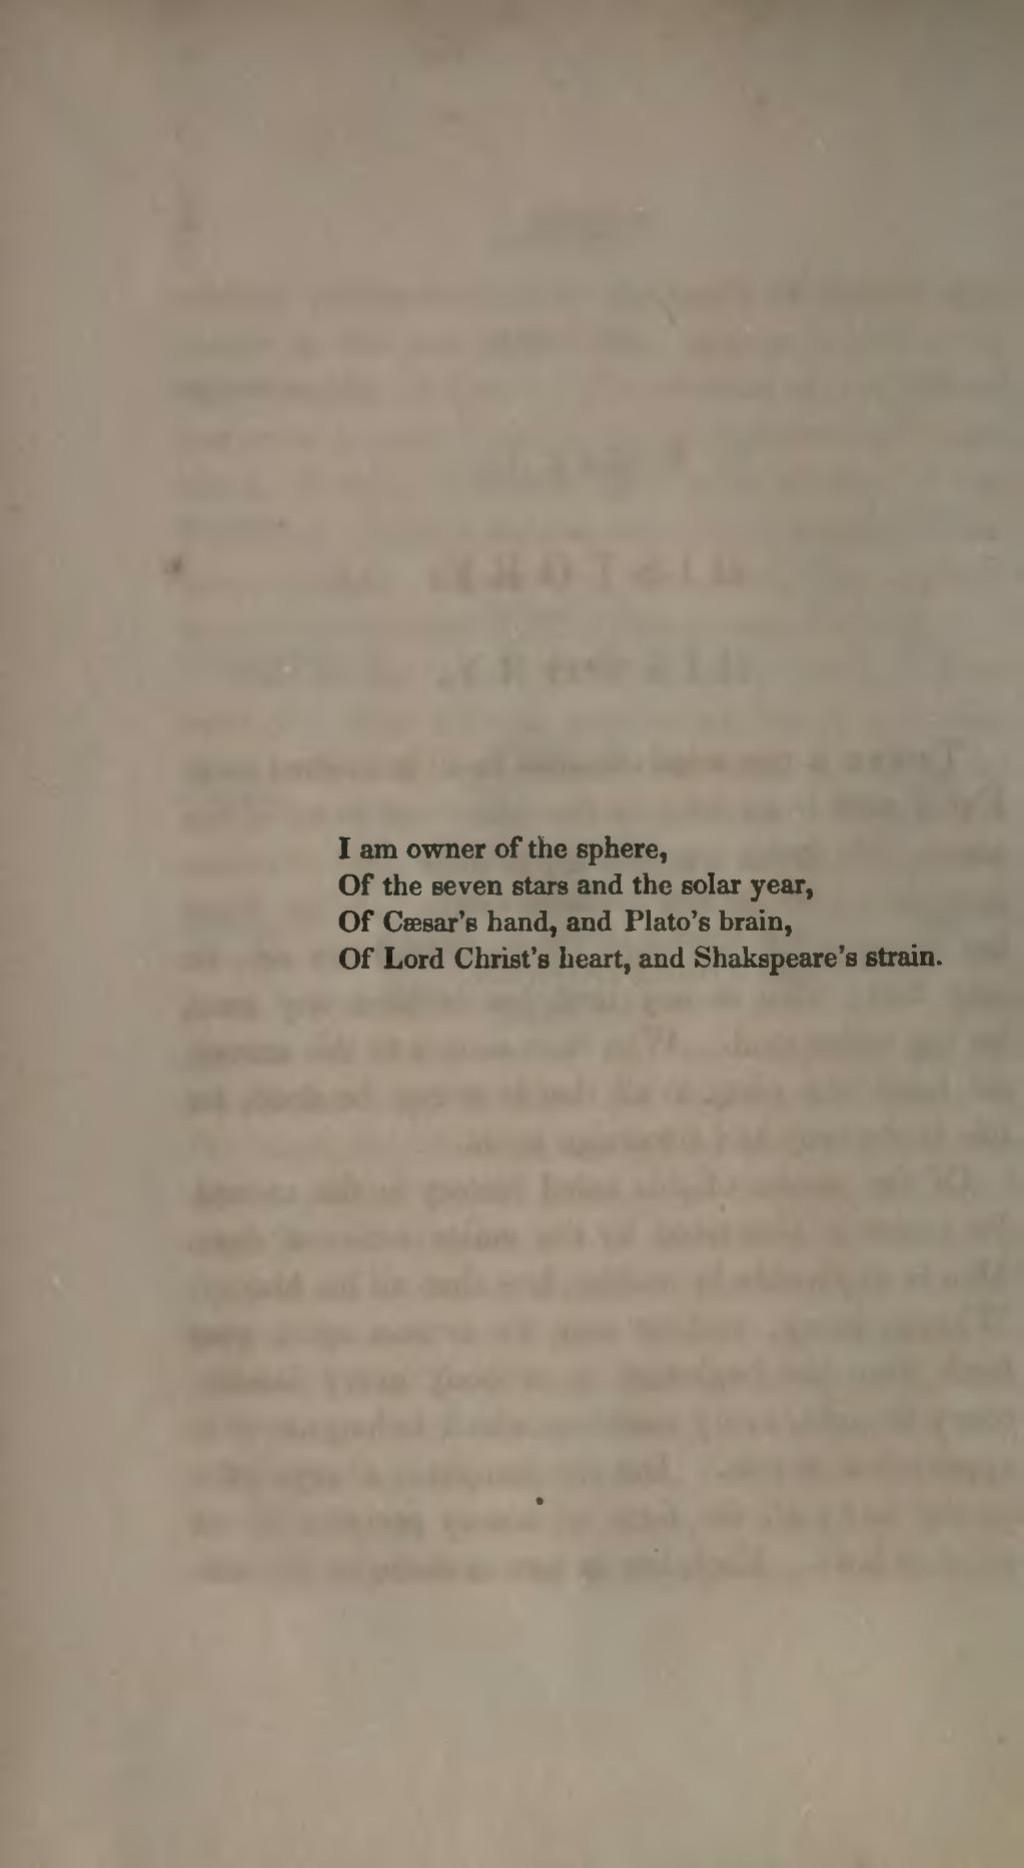 023 Essays First Series Page14 1024px Essays2c 28184729 Djvu Essay Stunning In Zen Buddhism Emerson's Value Large